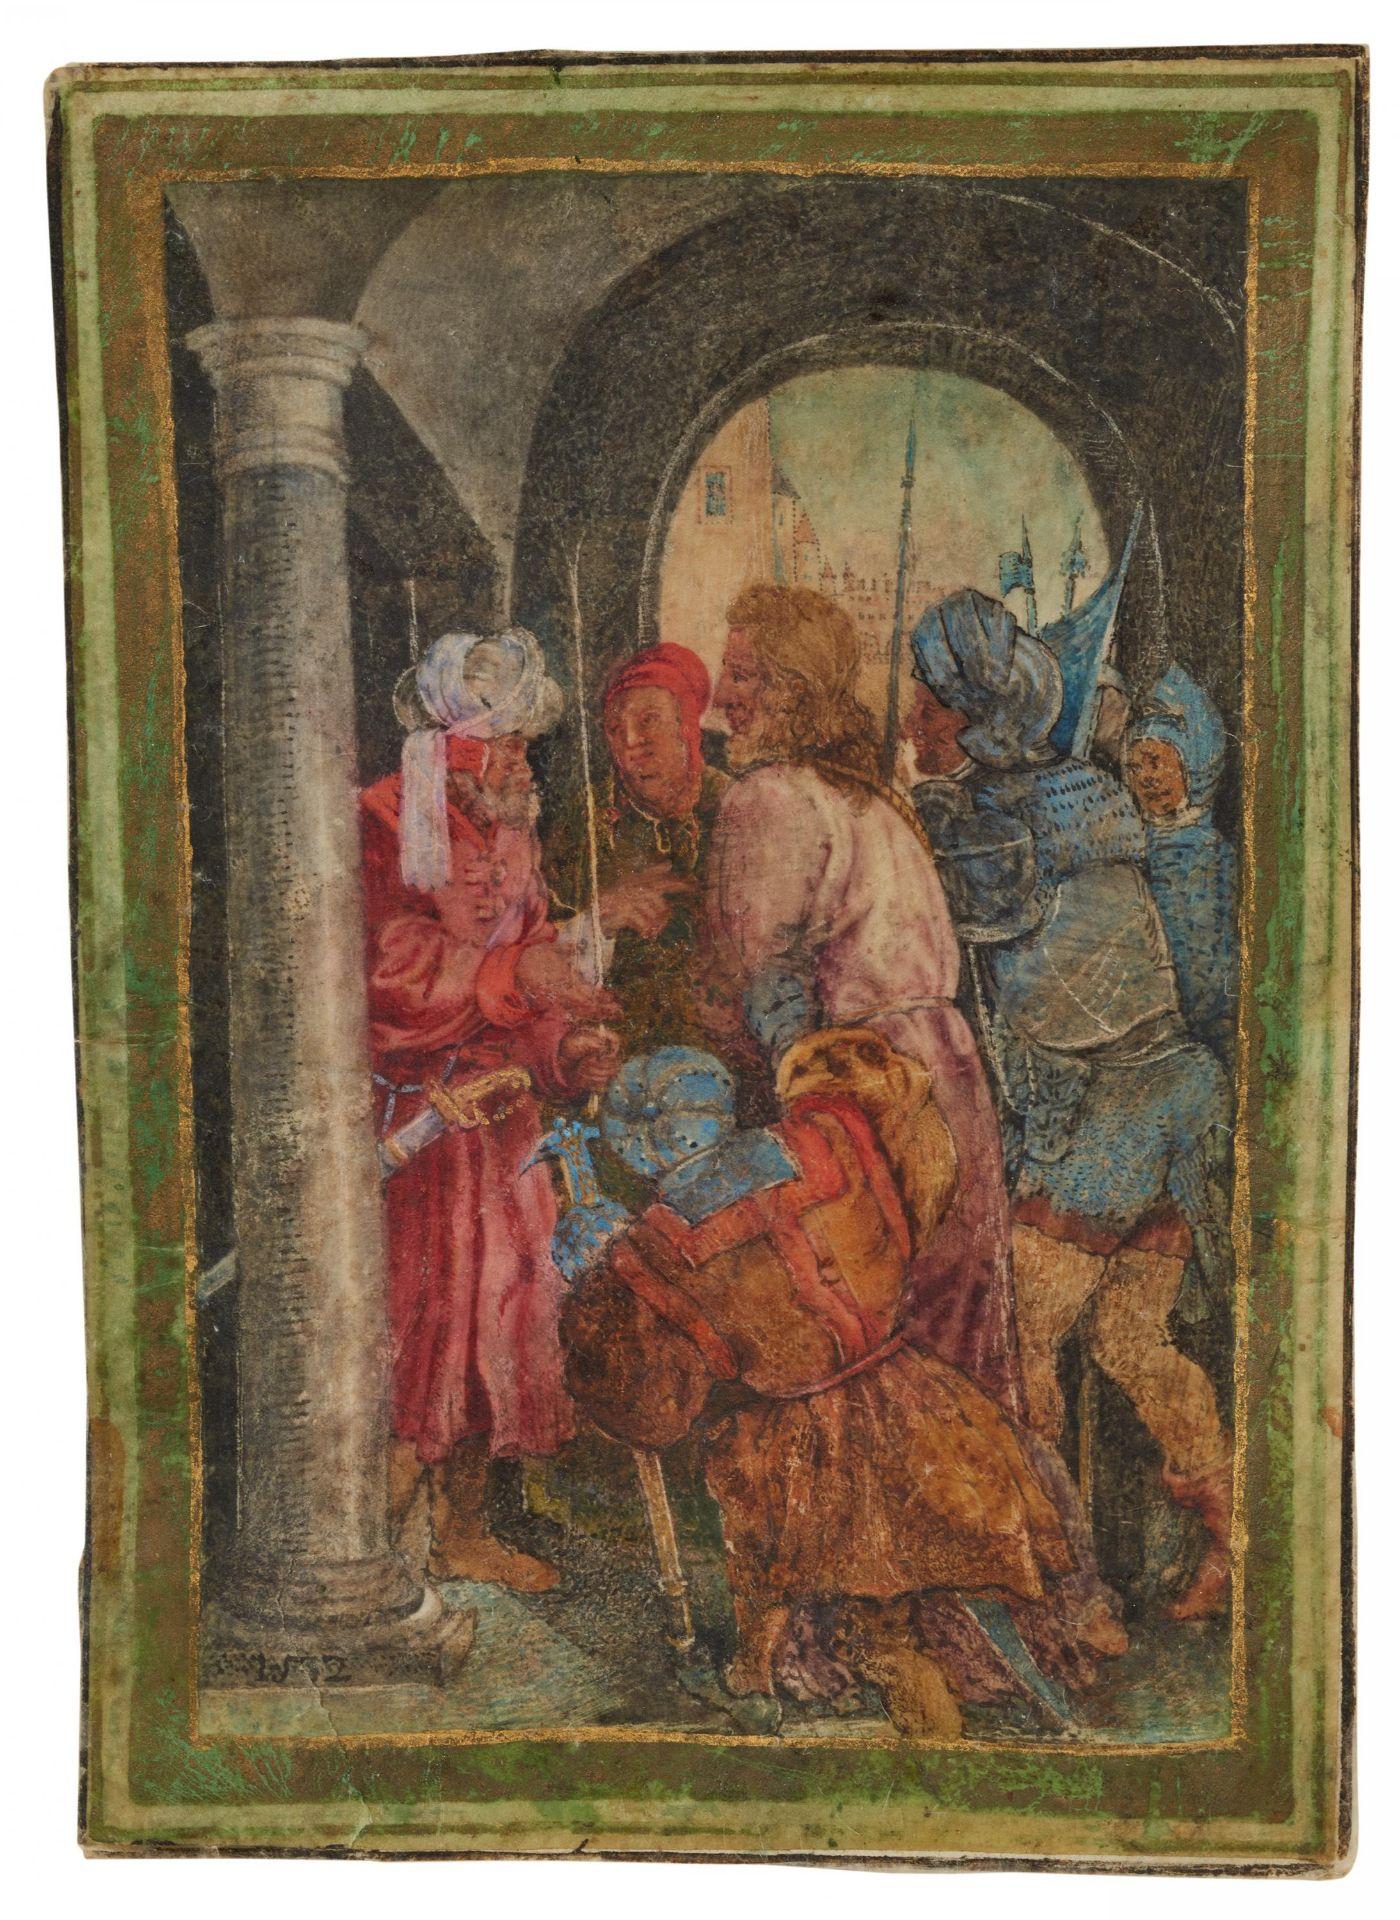 Dürer, Albrecht. Nürnberg 1471 - 1528 – nach. Christus vor Pilatus. Seitenverkehrte Kopie nach dem